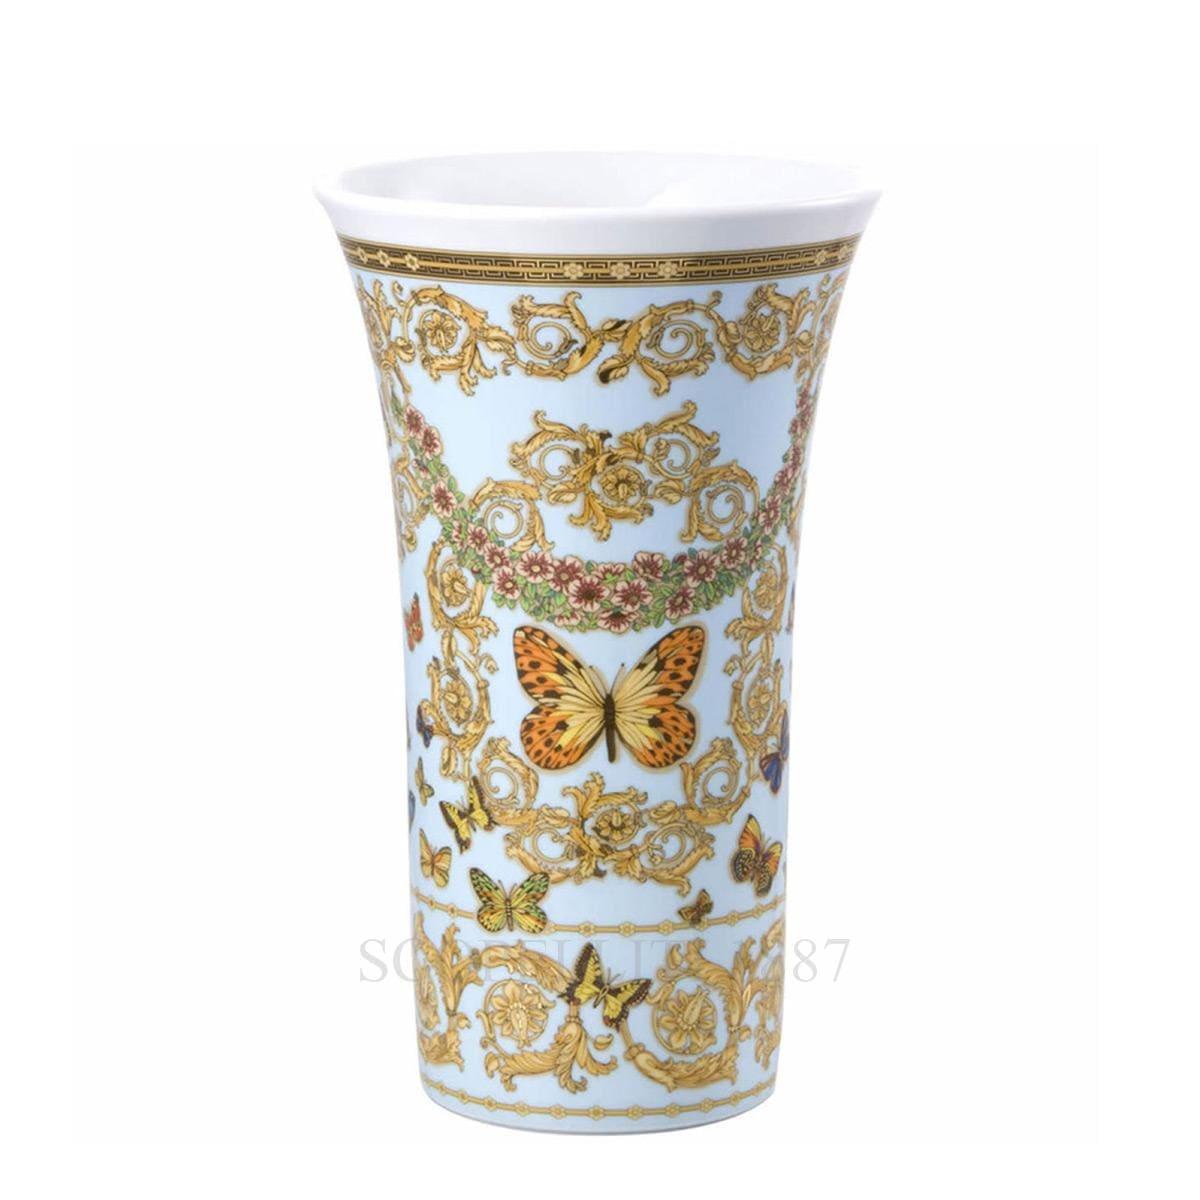 Versace Le Jardin de Versace Vase 26 cm by Rosenthal